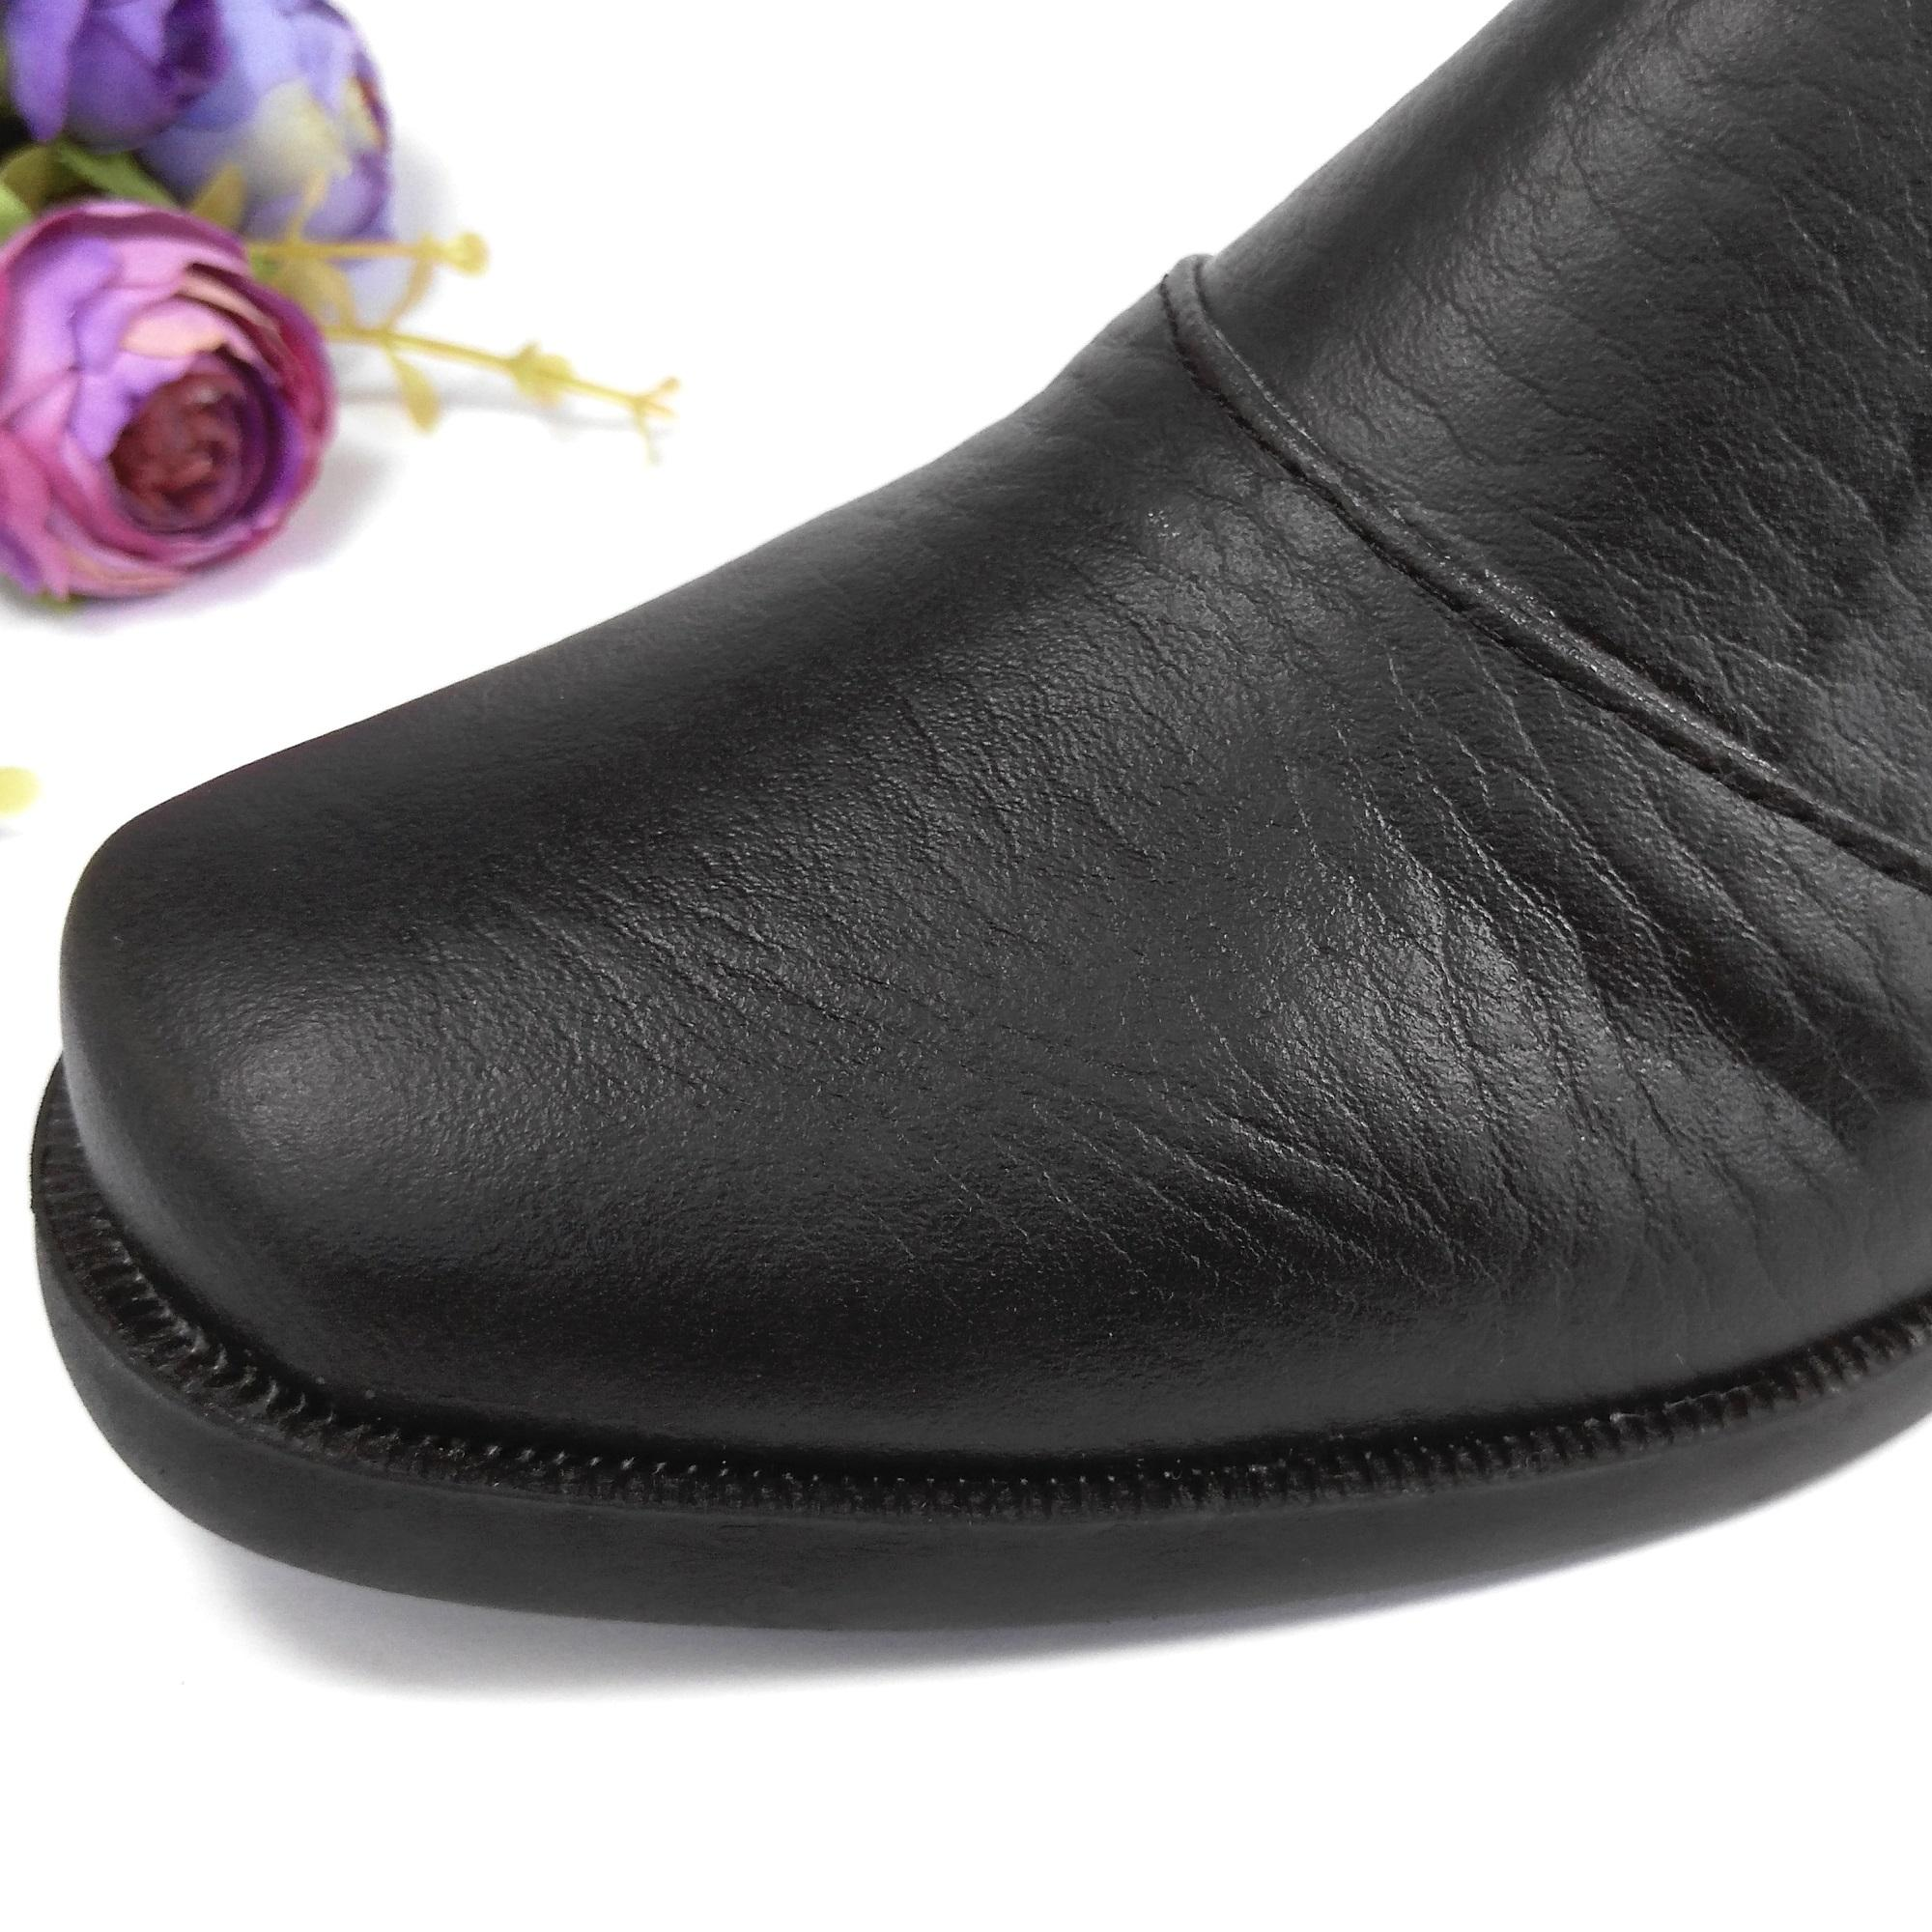 HQo Sepatu Pantofel Wanita Sepatu Boot Wanita Sepatu Pantofel Paskibra Wanita Bertali Sepatu